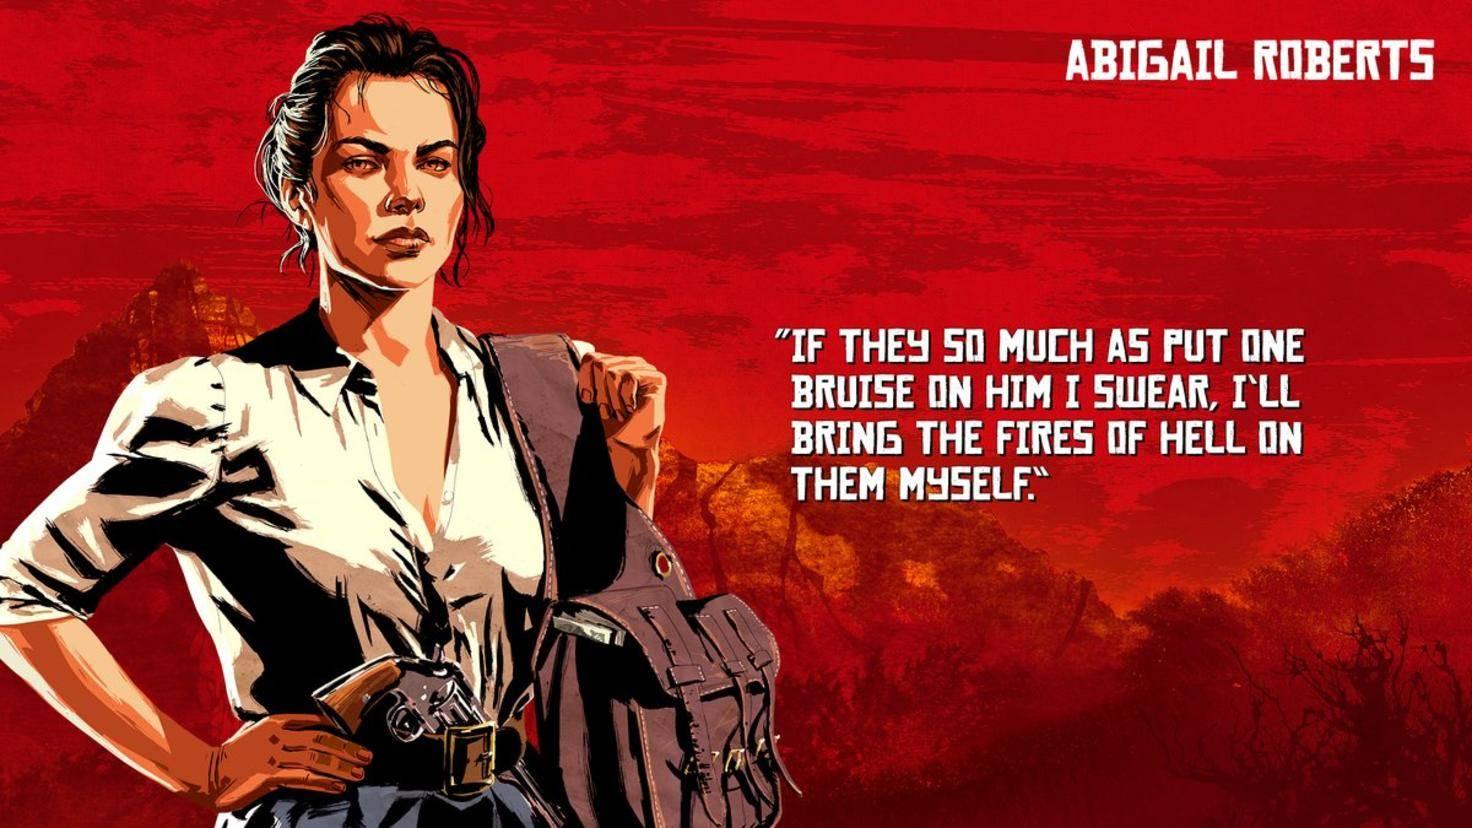 Abigail Roberts